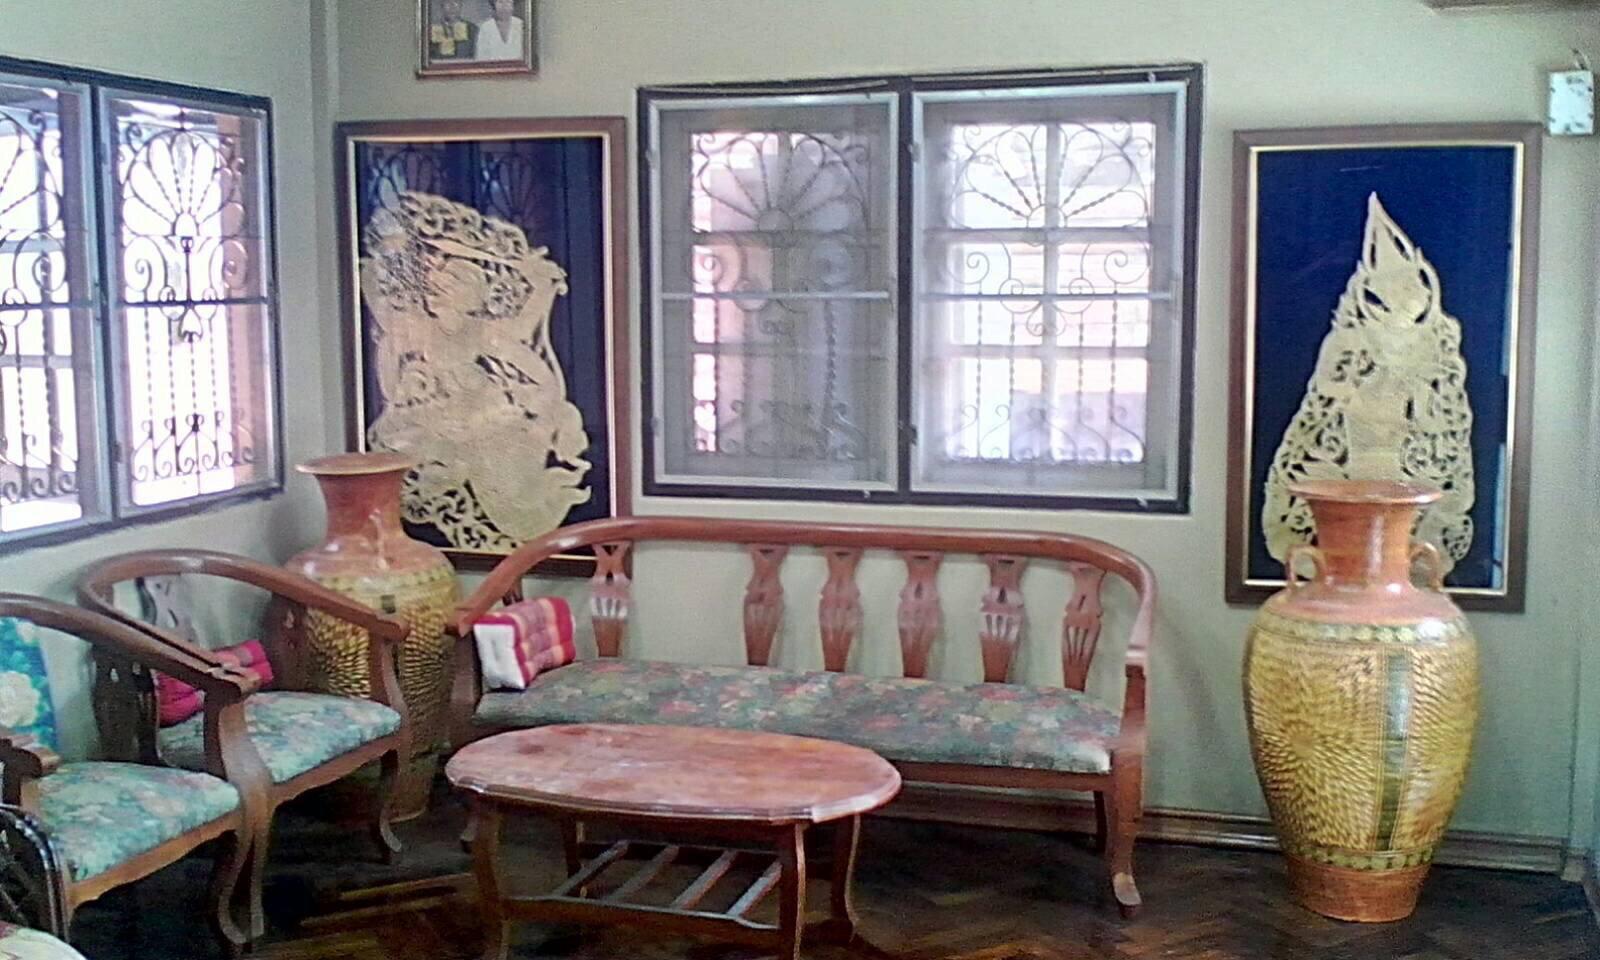 ขายบ้าน 2 หลัง ในที่ดิน 100 ตรว. (ติดตลาดนนทบุรี) 089-844-8404 รูปที่ 6